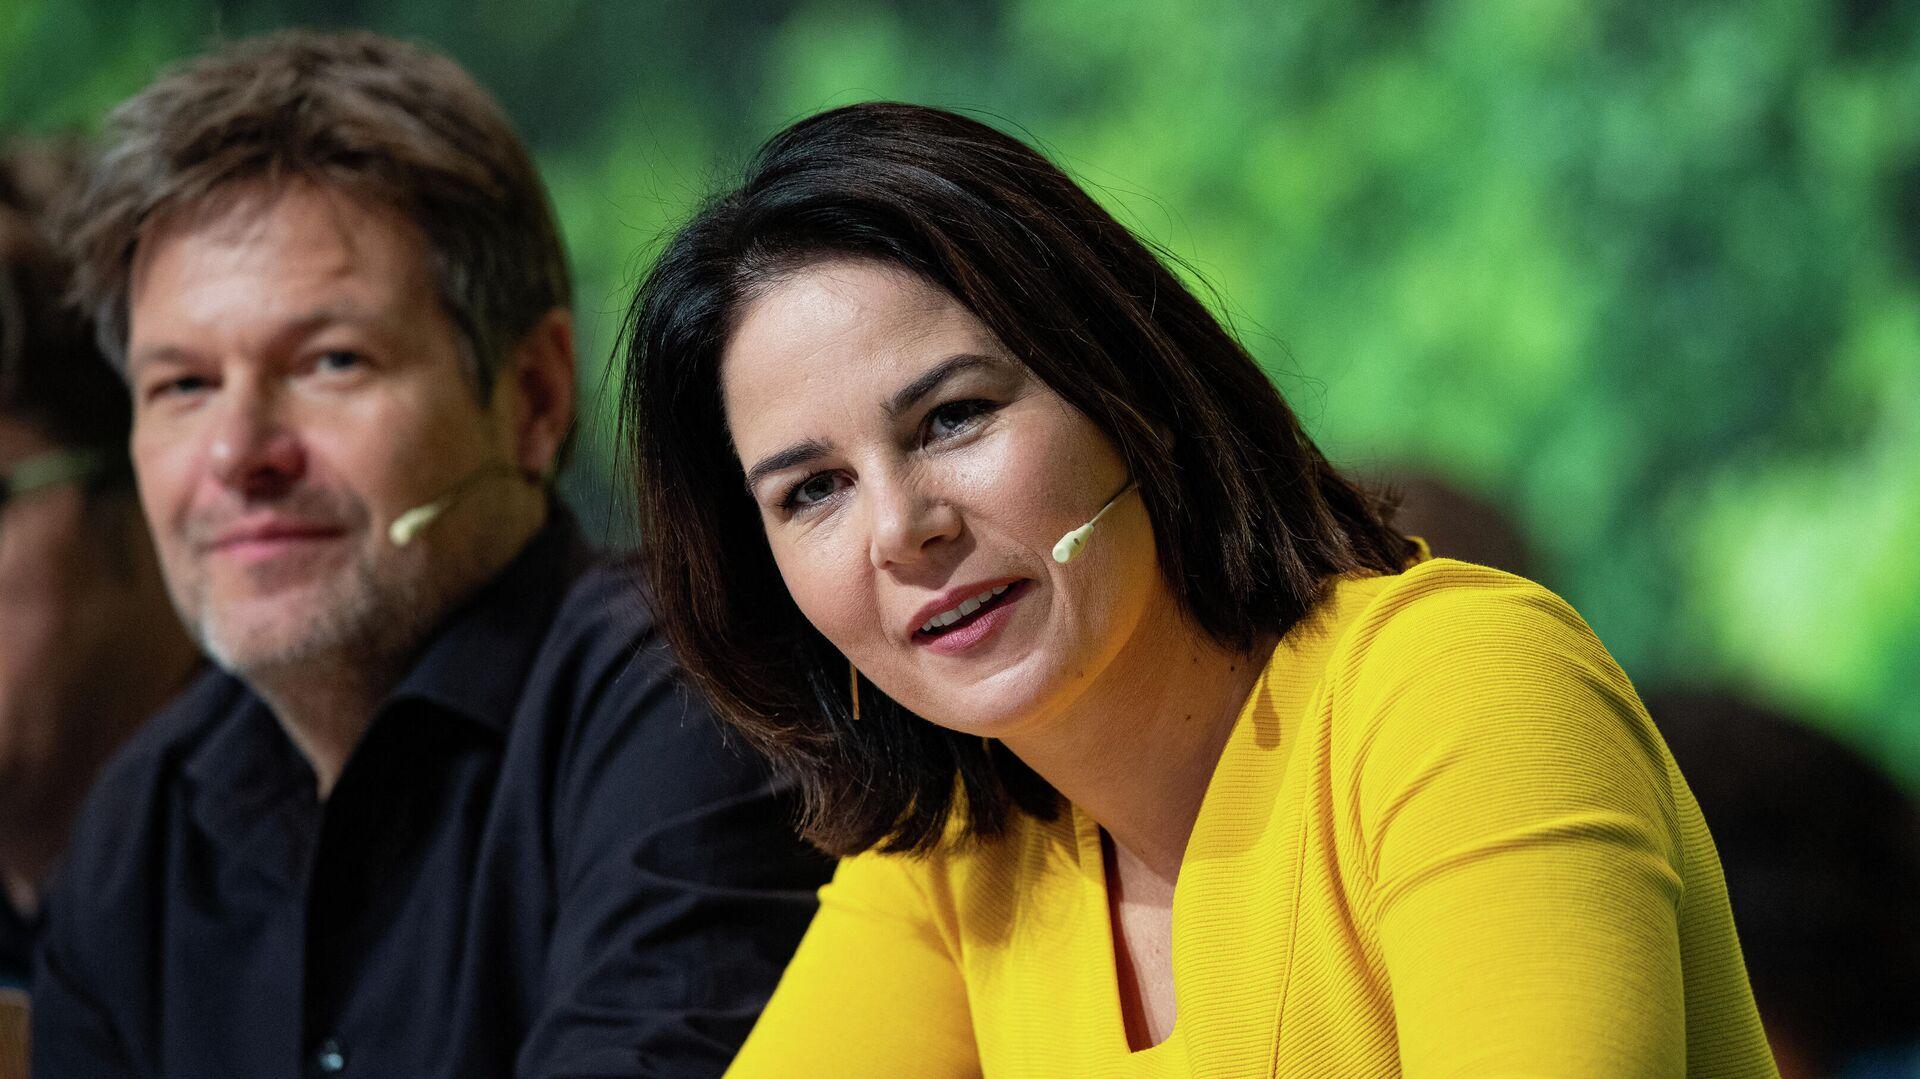 Die beiden Ko-Vorsitzenden der Grünen, Annalena Baerbock (R) und Robert Habeck, nehmen am 15. November 2019 an einem zweitägigen Parteitag in Bielefeld teil.  - SNA, 1920, 14.05.2021